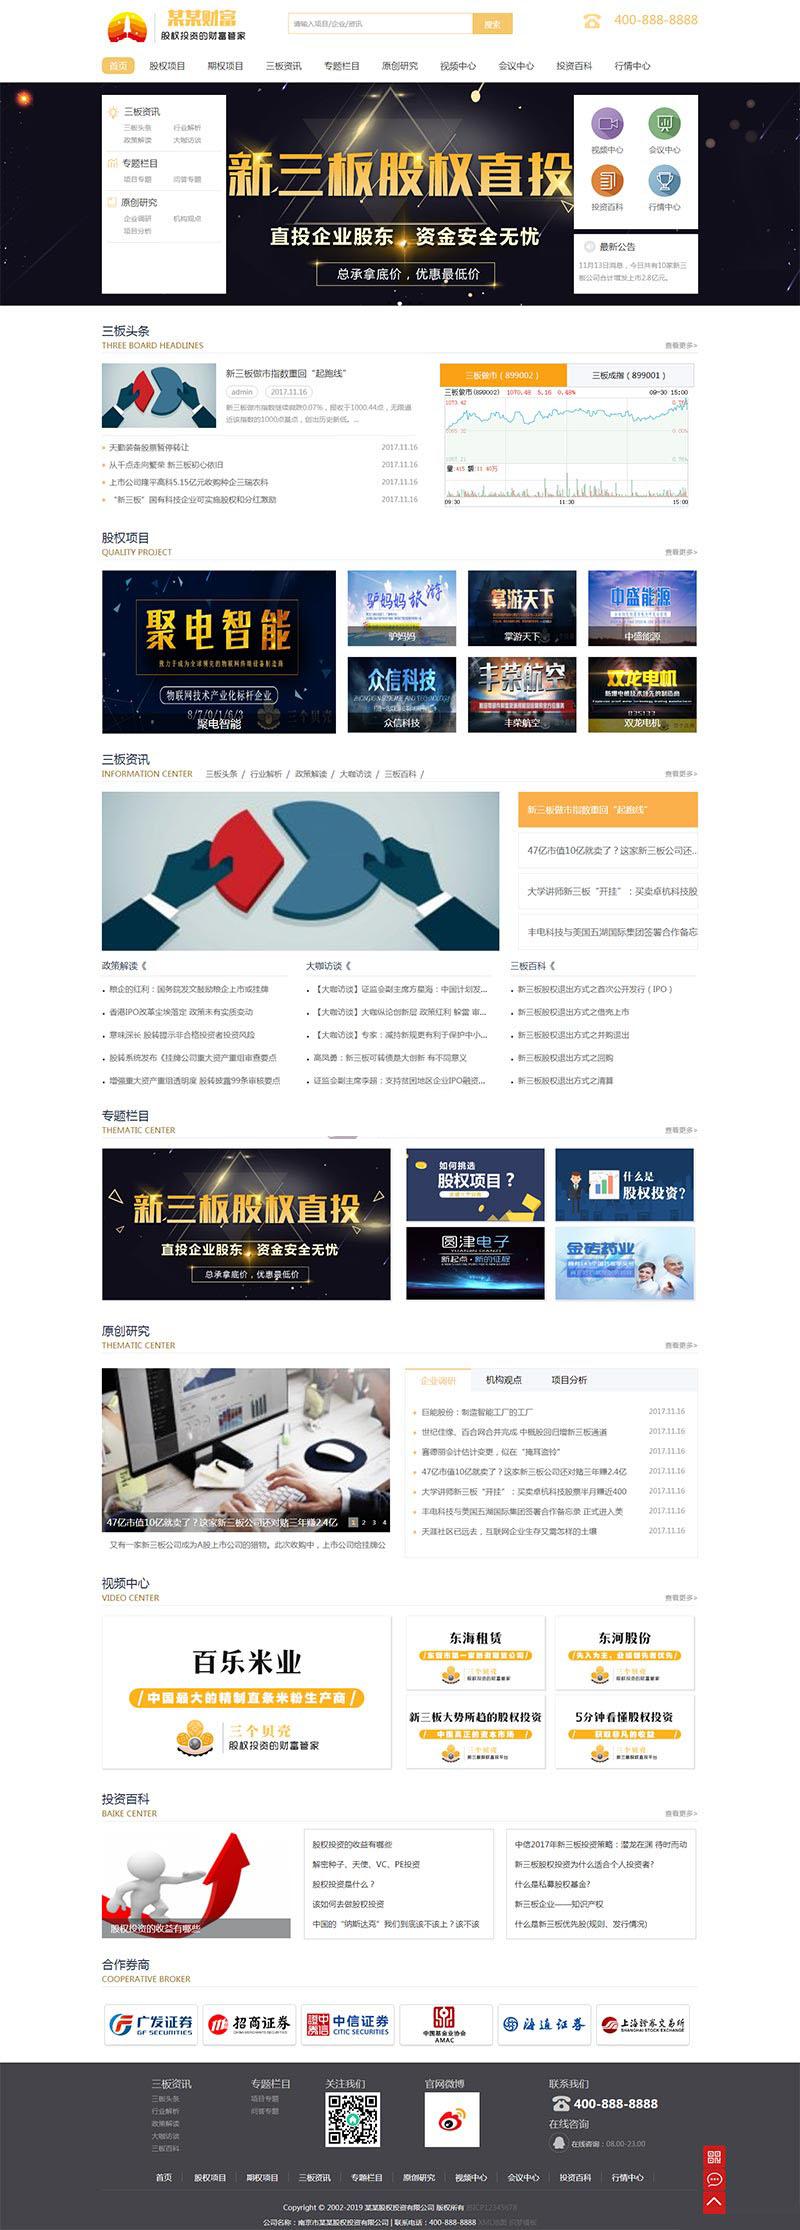 织梦模板:股权投资财富管理投资理财管理网站源码下载 带手机端-图1